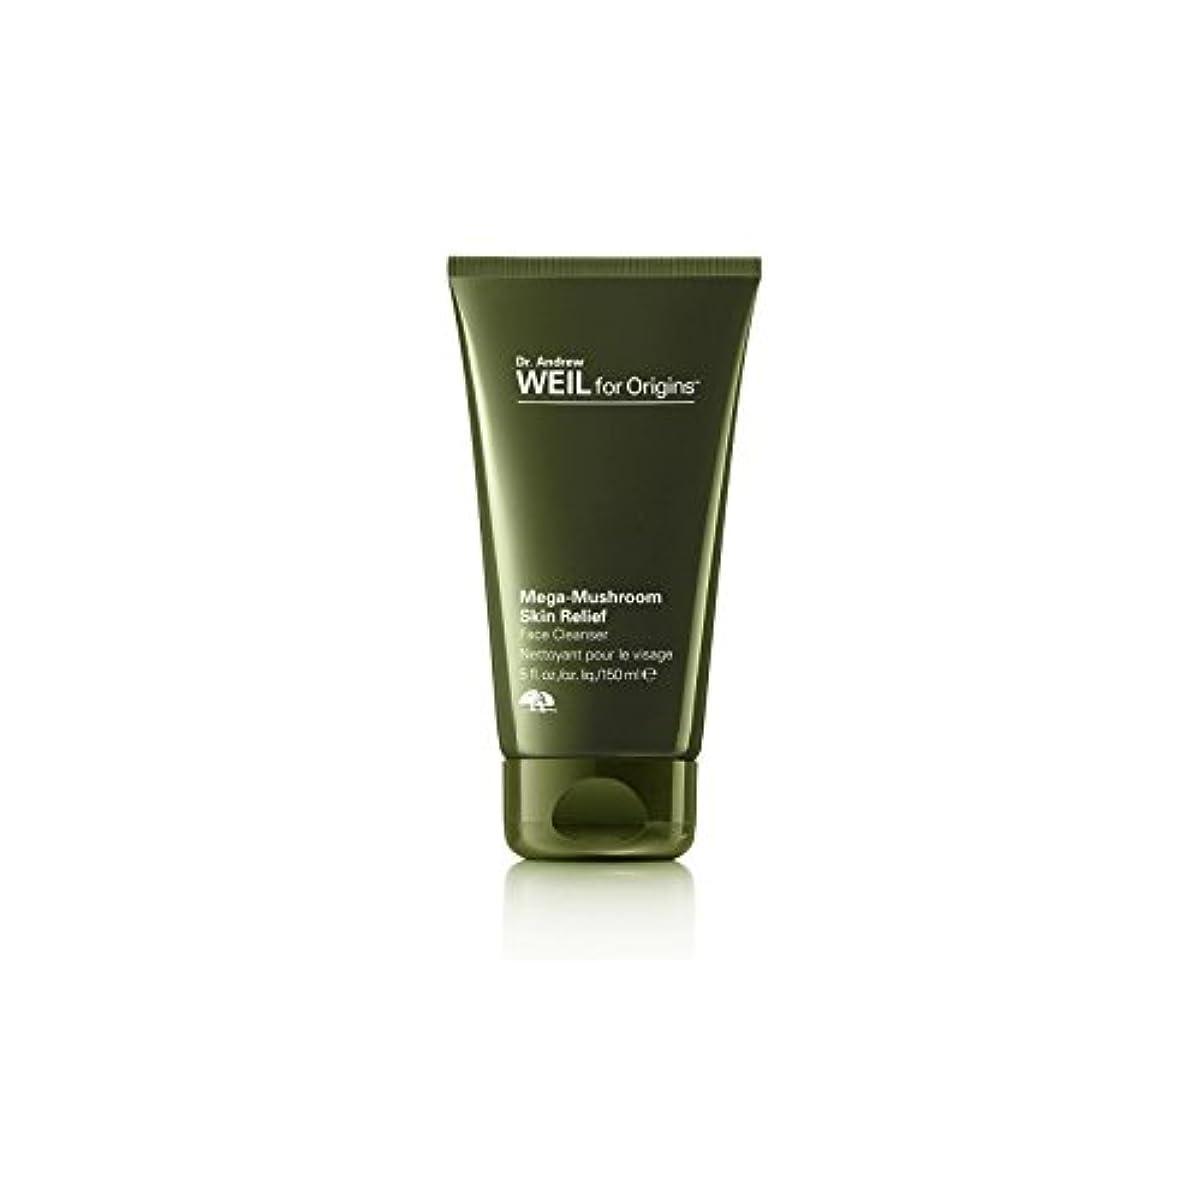 自動的に知覚できる対処する起源アンドルー?ワイル起源メガキノコ皮膚救済顔クレンザー150ミリリットルのために x2 - Origins Dr. Andrew Weil For Origins Mega-Mushroom Skin Relief Face...